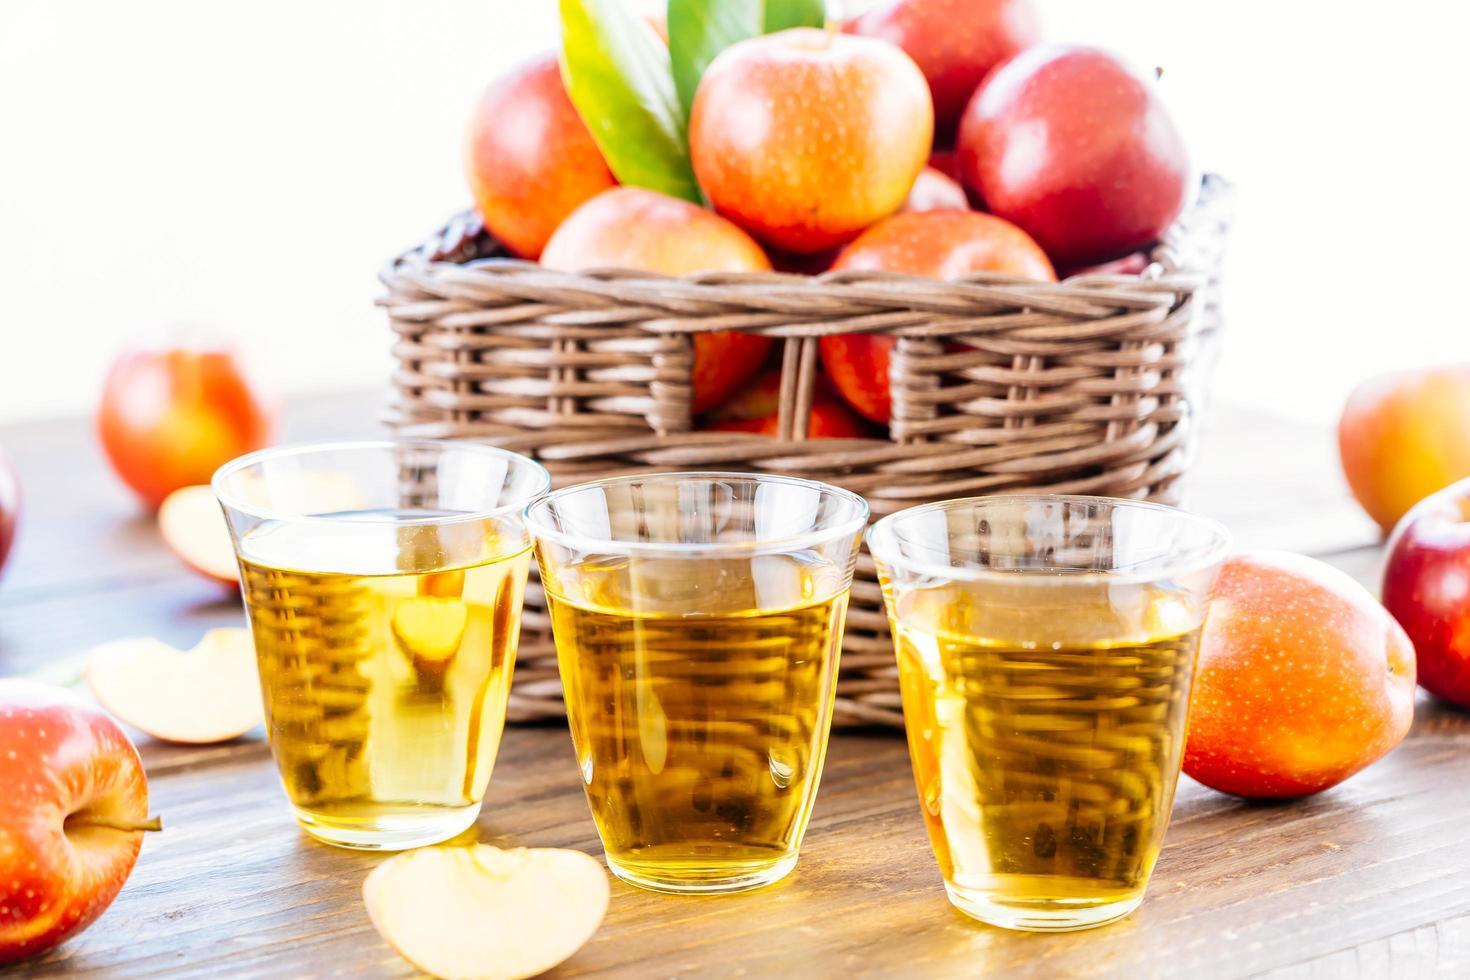 Apfelsaft in Gläsern und Äpfeln im Korb foto